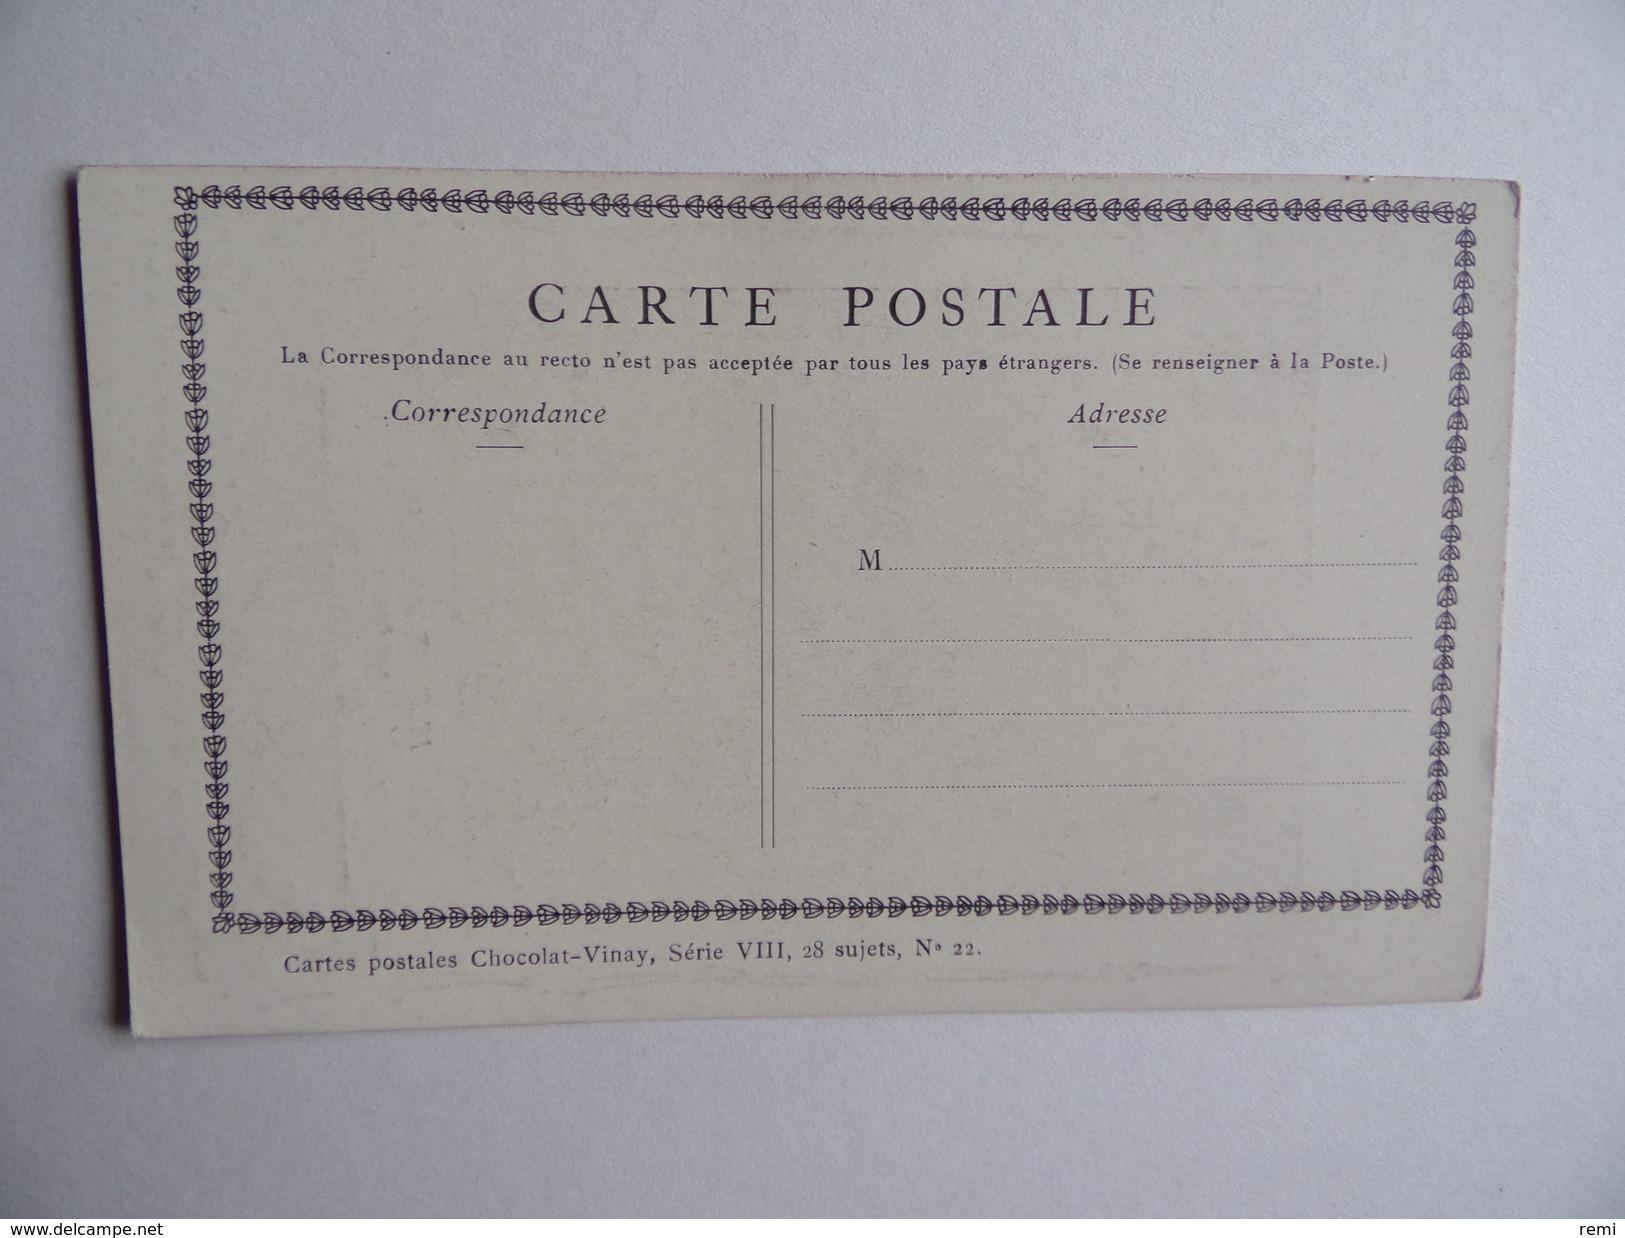 Carte Postale CHOCOLAT VINAY Le Joueur De Vielle Série VIII 28 Sujets N° 22 - Publicité